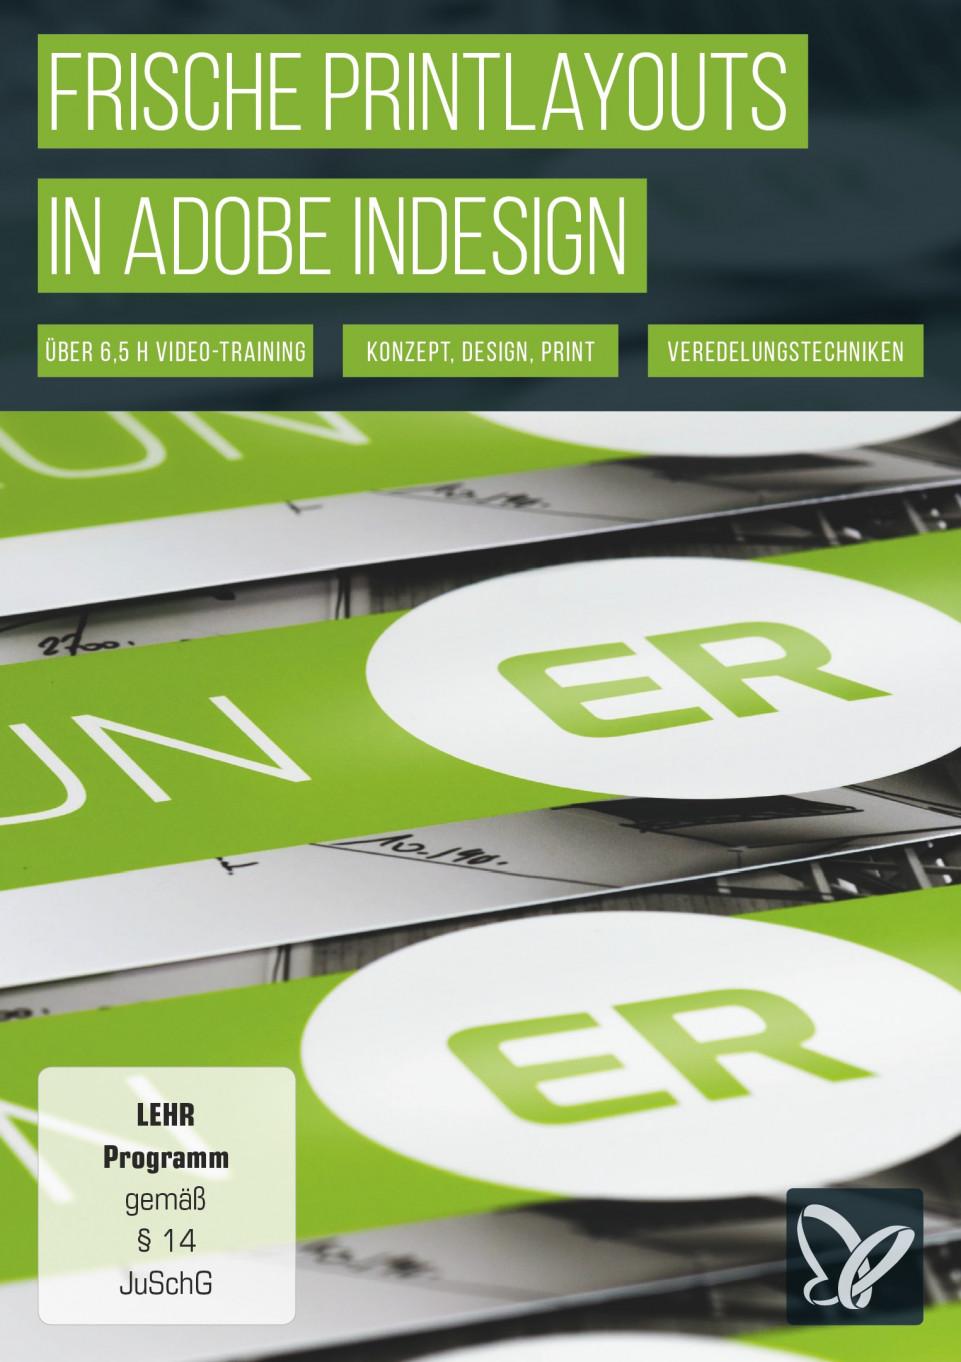 Frische Printlayouts in InDesign – so erstellst du Druckdaten als PDF!